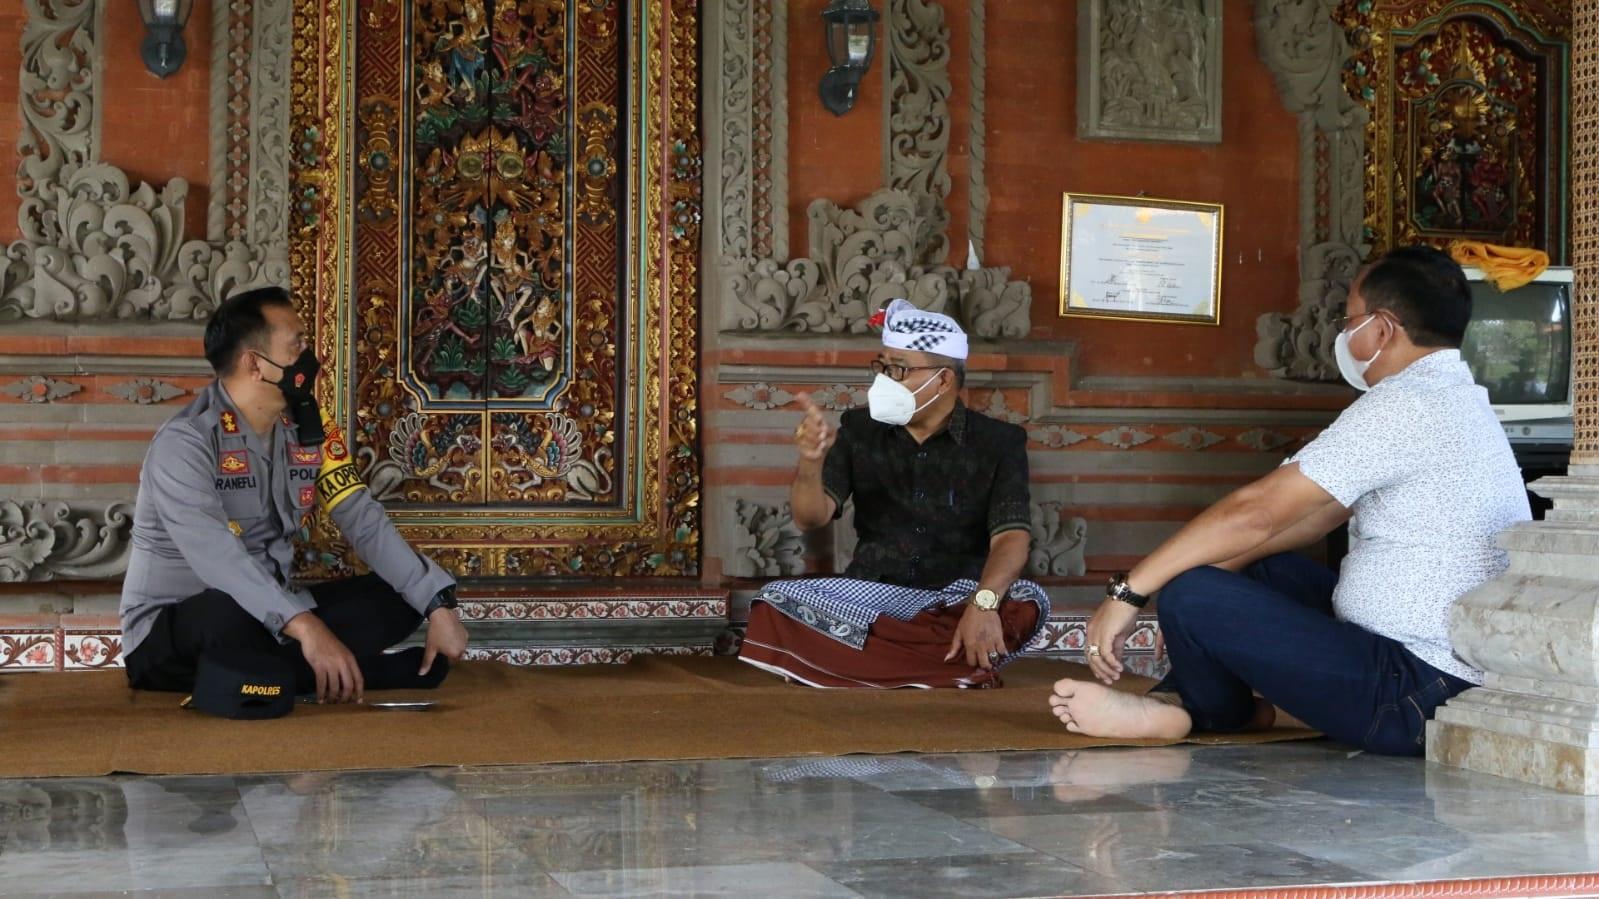 KAPOLRES Tabanan, AKBP Ranefli Dian Candra, melaksanakan kunjungan silaturahmi ke kediaman Ketua PHDI Kabupaten Tabanan, I Wayan Tontera, di Kelating, Kecamatan Kerambitan, Jumat (20/8/2021). Foto: ist